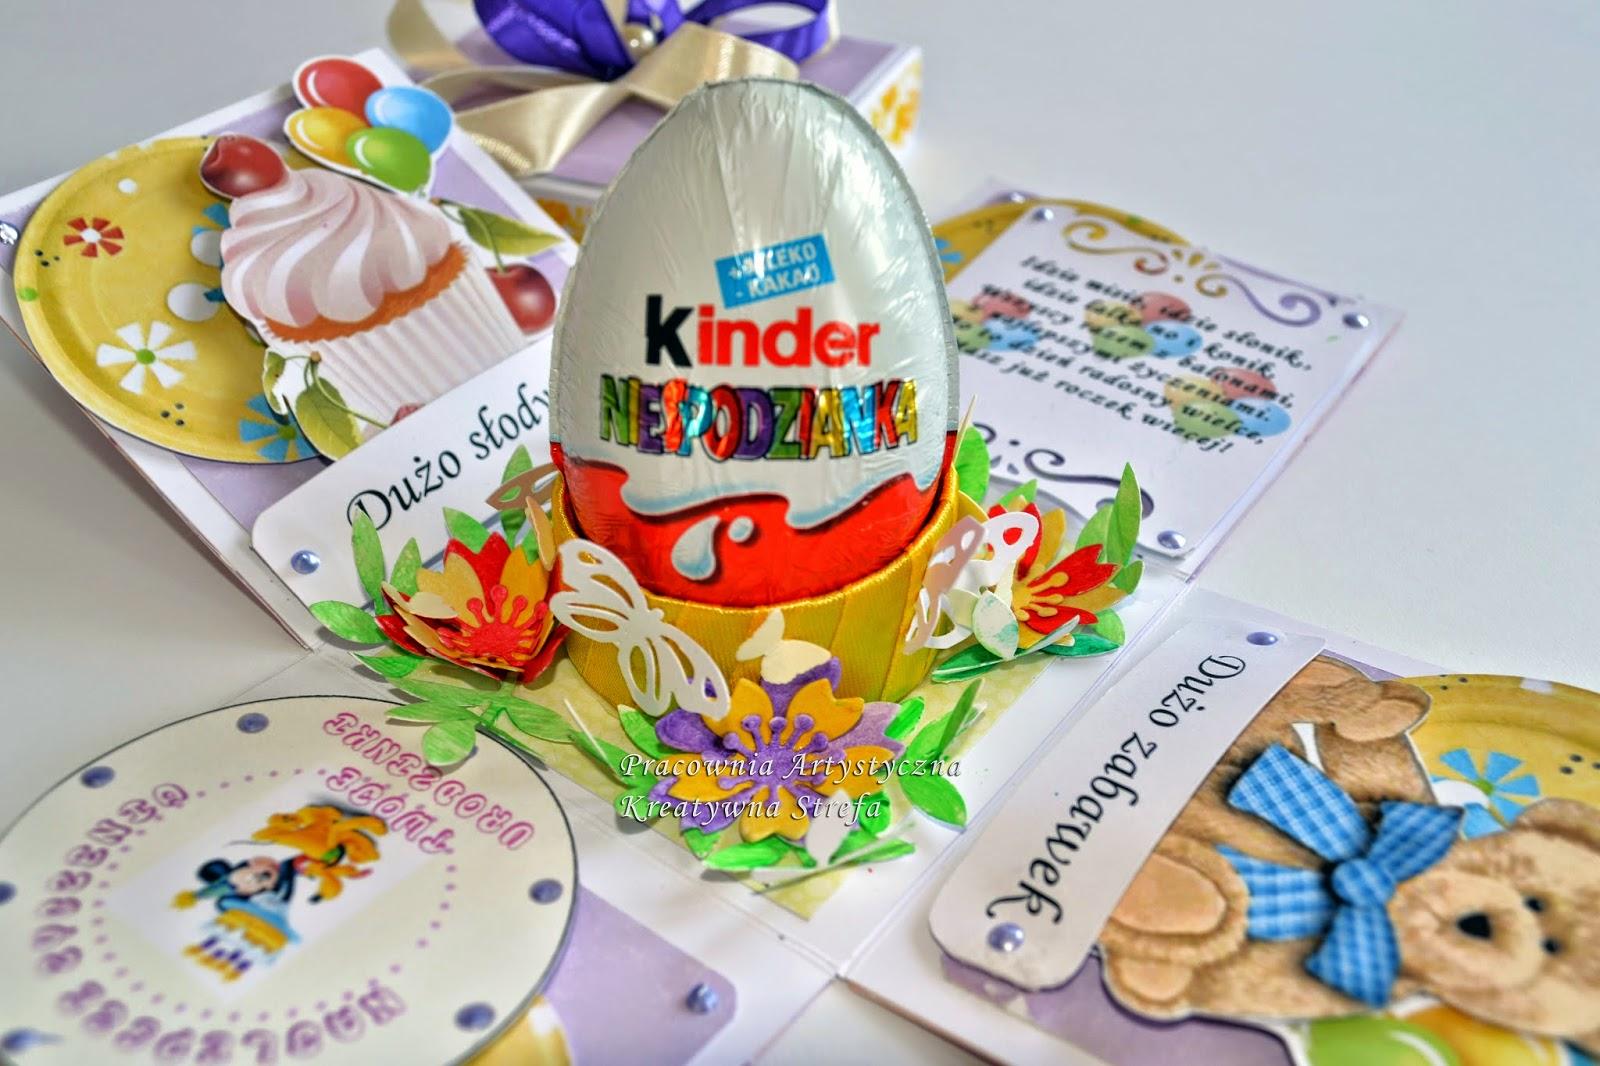 Kolorowe pudełko dla dziecka z okazji urodzin